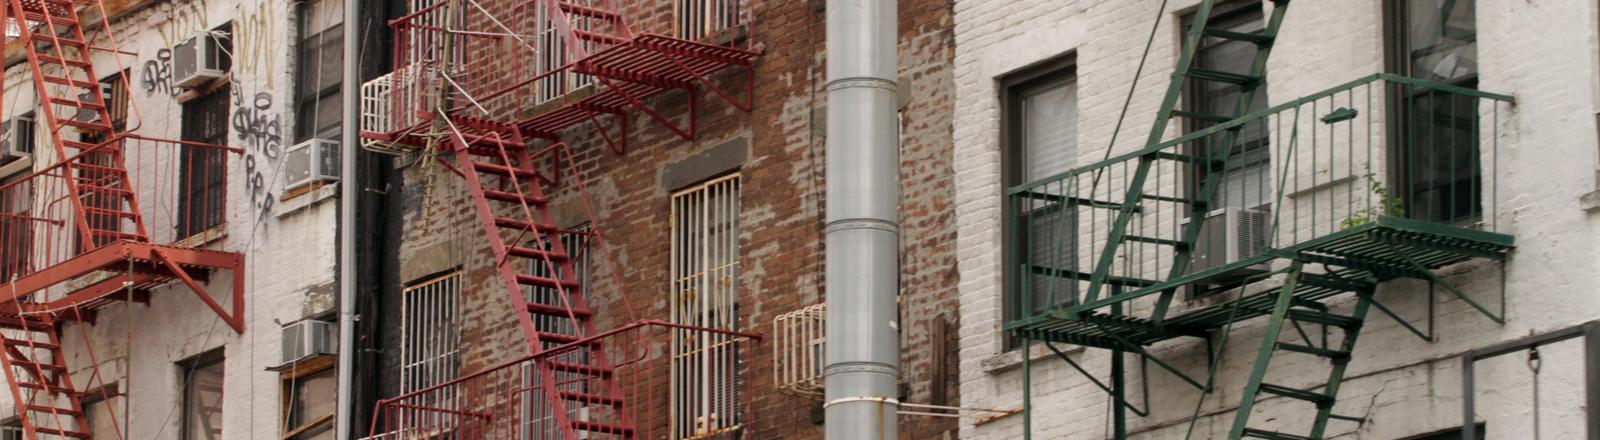 Wohnverhältnisse in New York